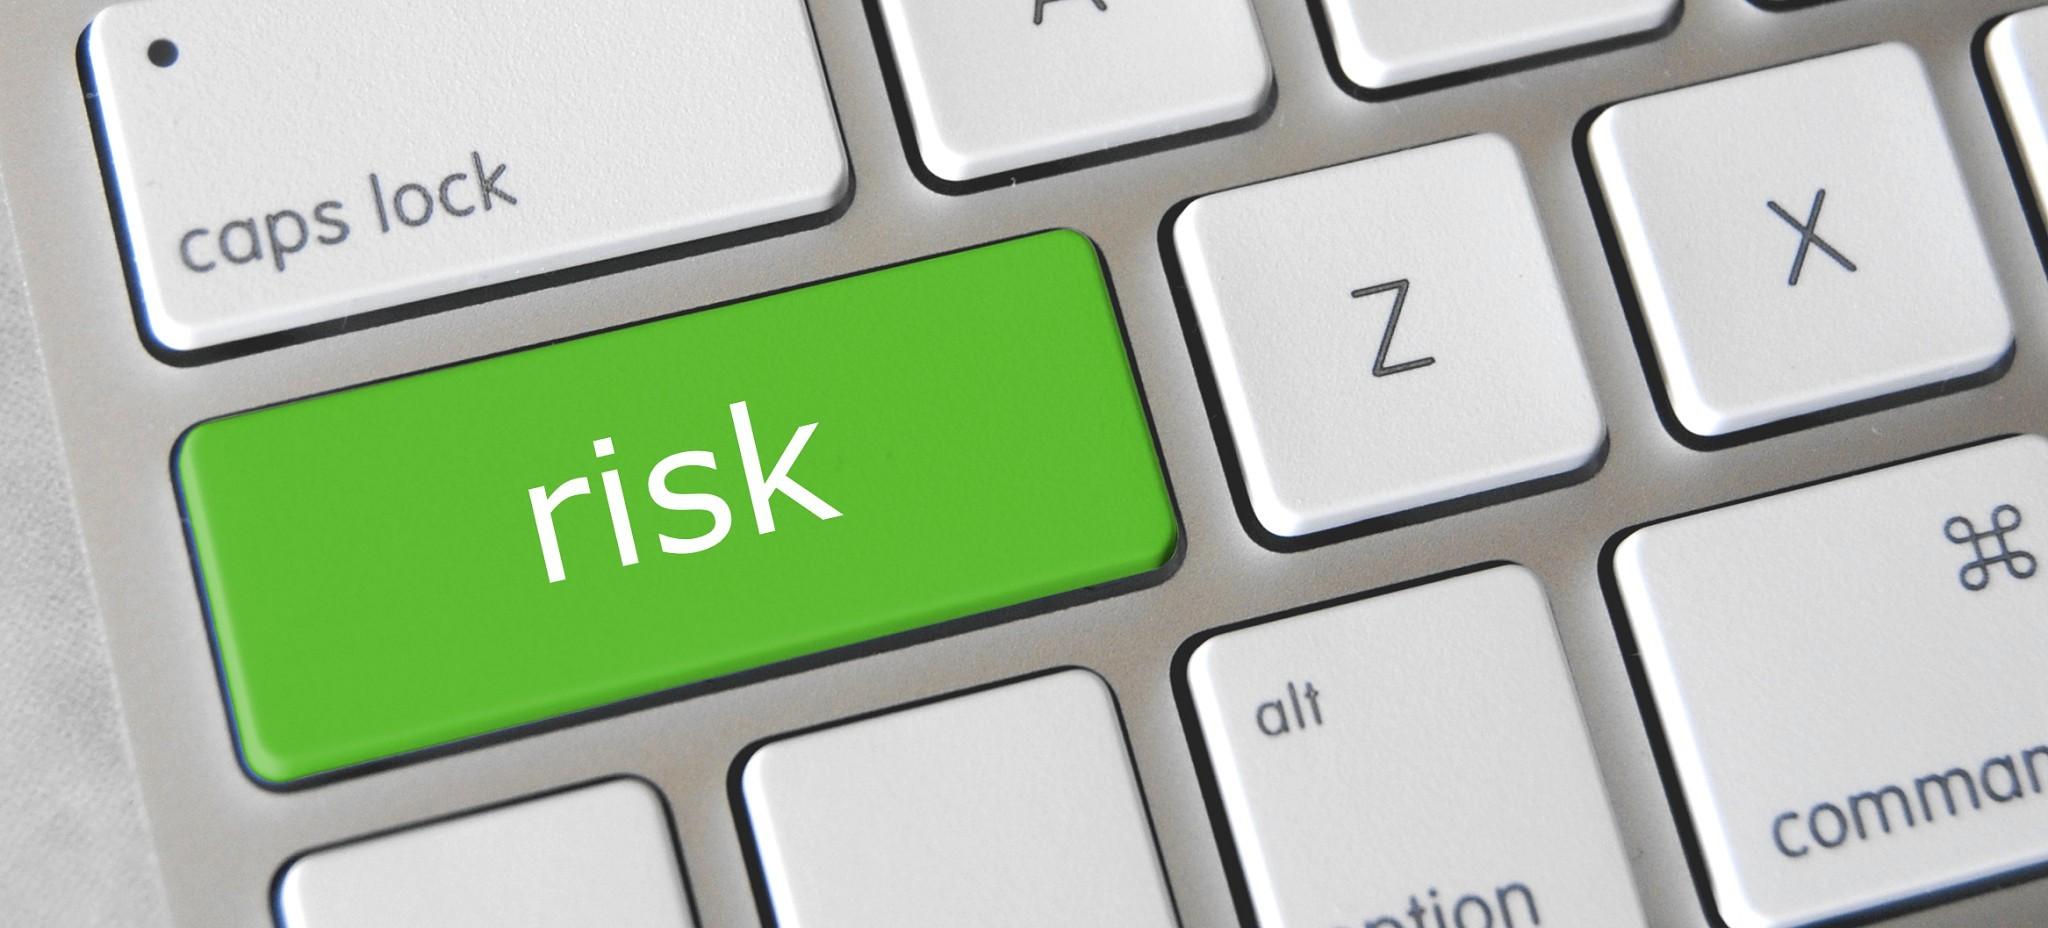 社群時代如何做好公關危機處理?把握 WE-SAFE原則